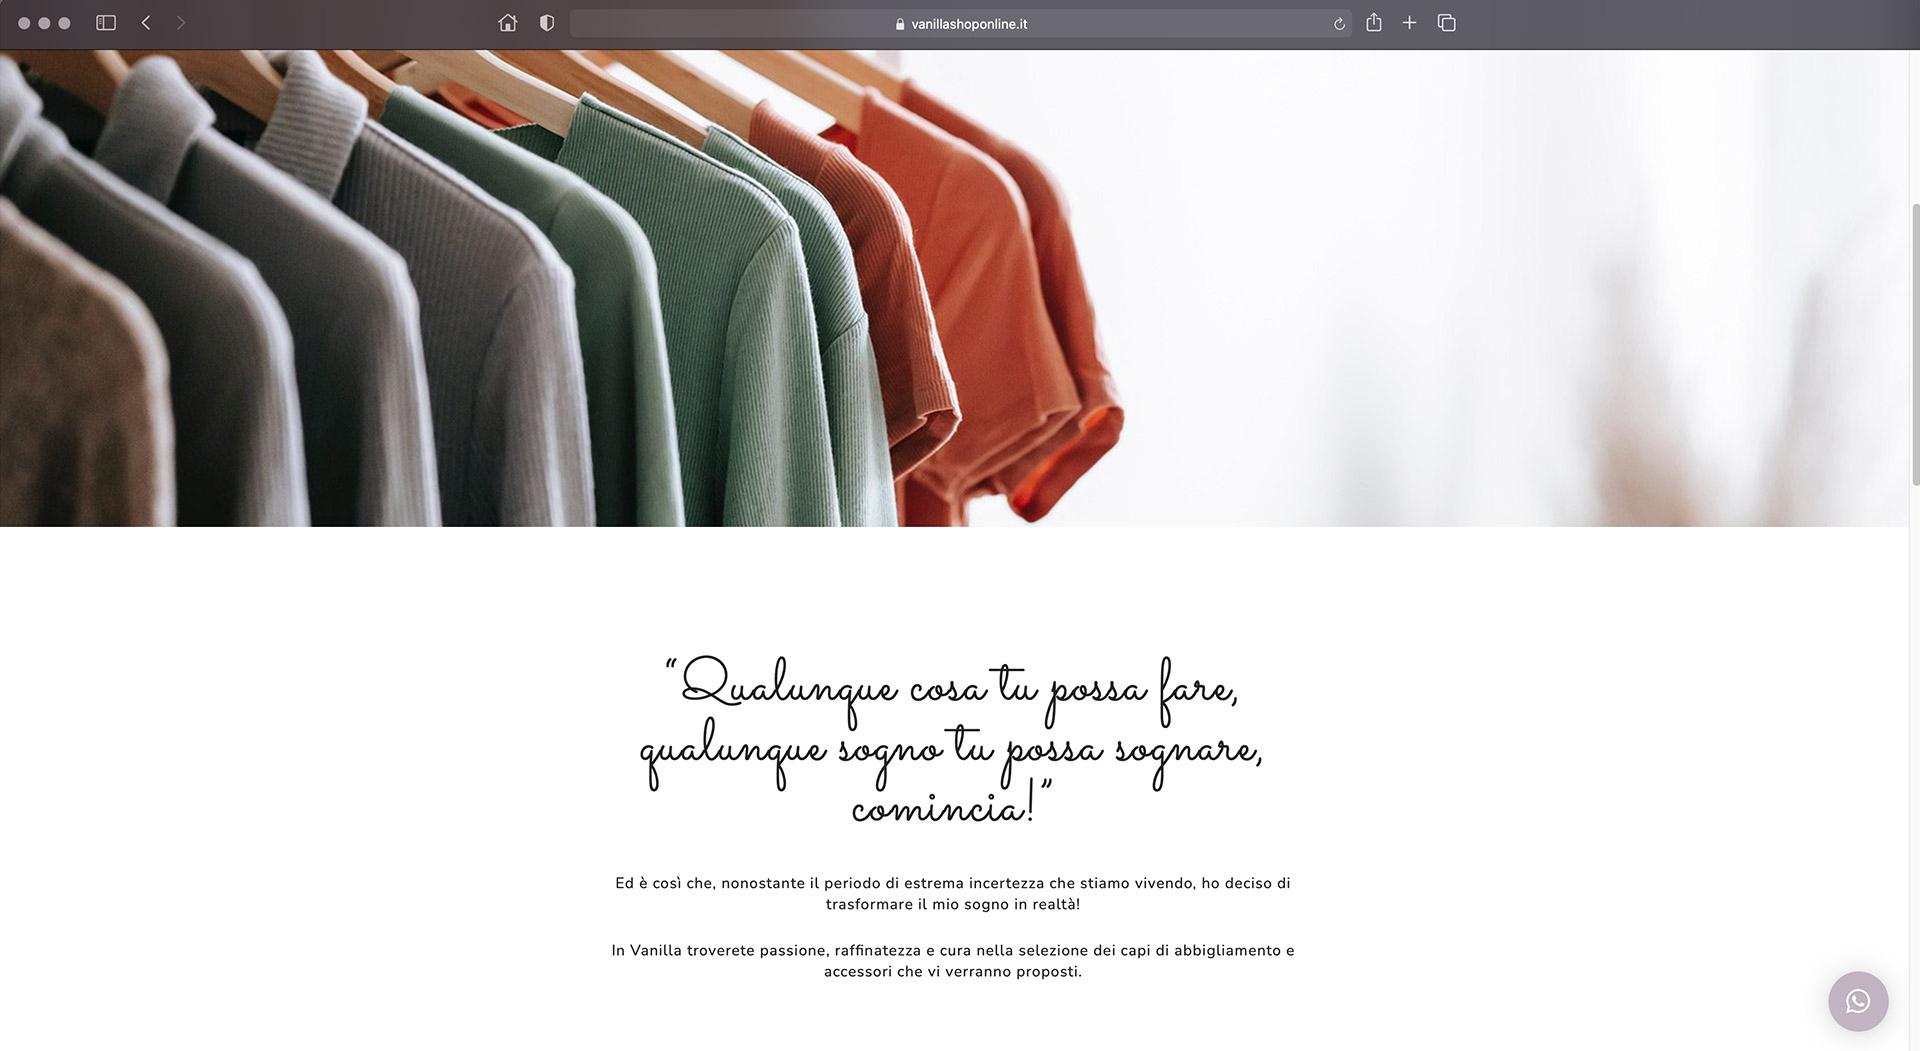 realizzazione-e-commerce-abbigliaemento-negozio-online-donna-brescia_09